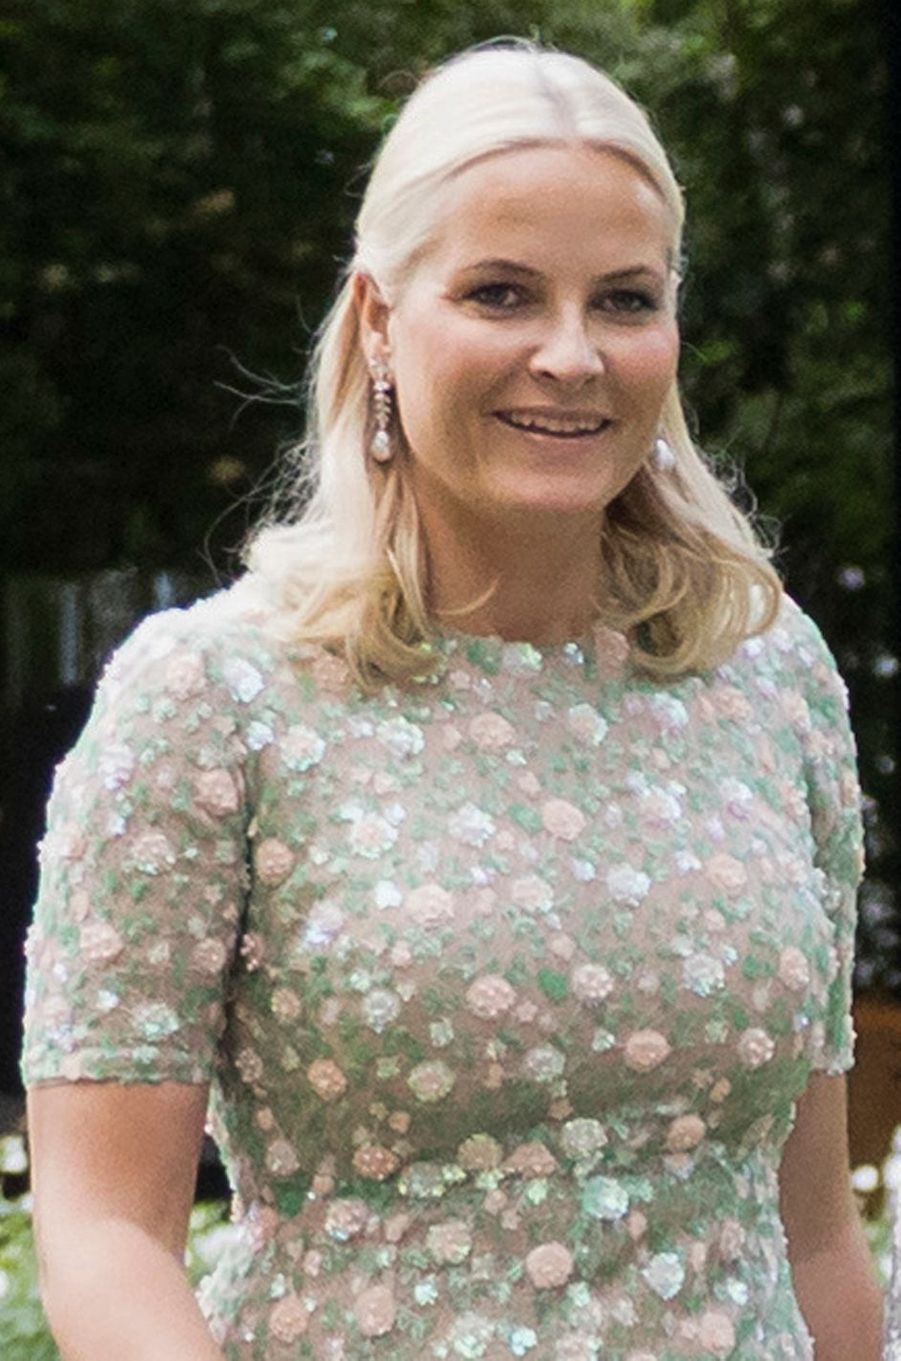 Détail de la robe de la princesse Mette-Marit de Norvège à Oslo, le 4 juillet 2017